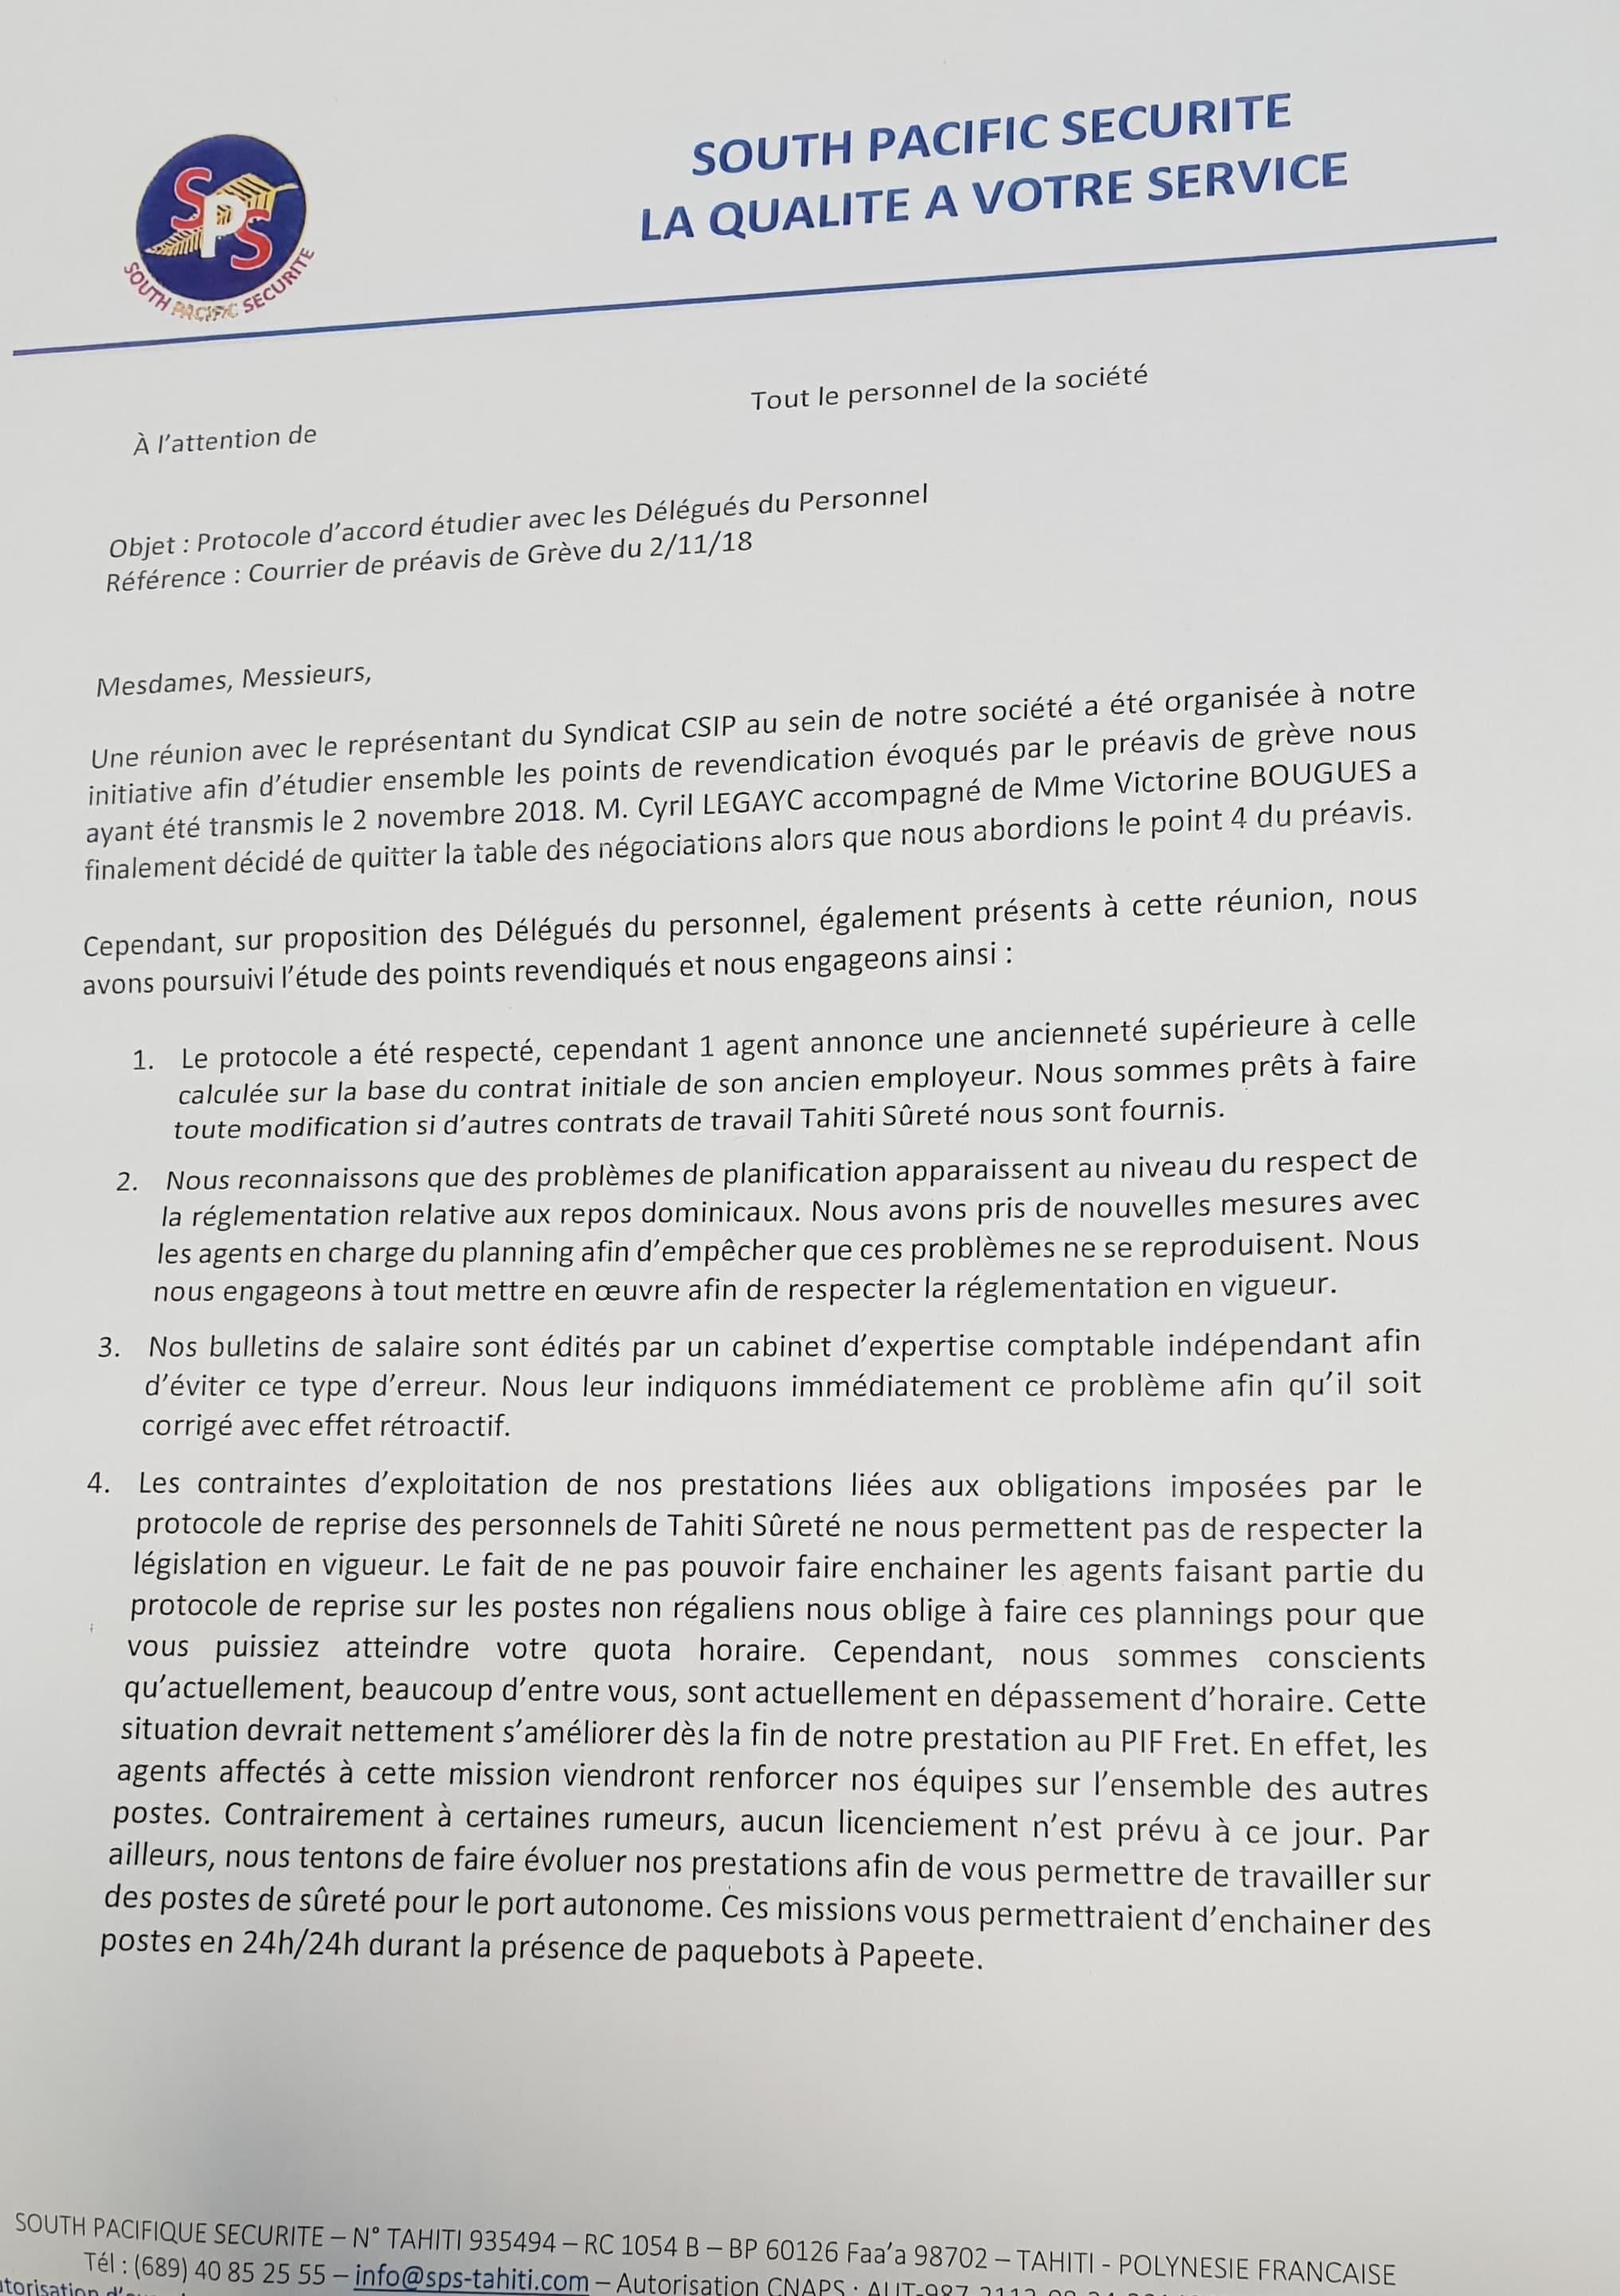 Proposition faite par la direction de SPS - page 1